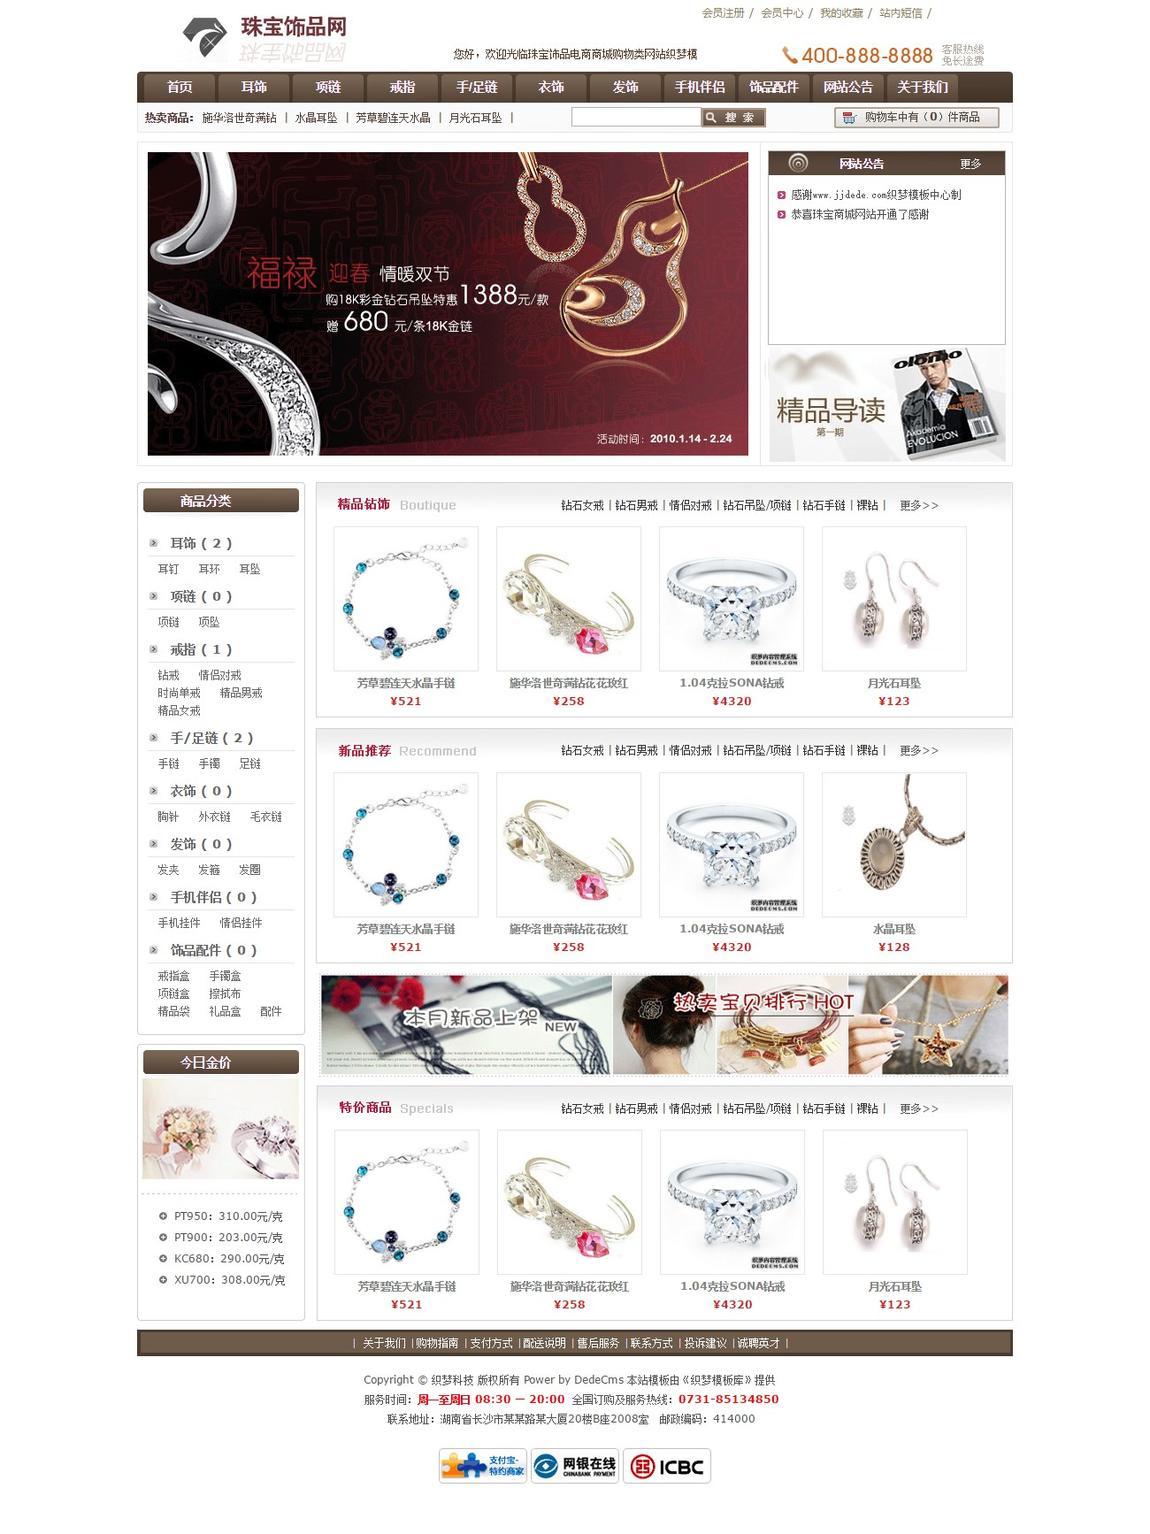 珠宝饰品电商商城购物类演示截图